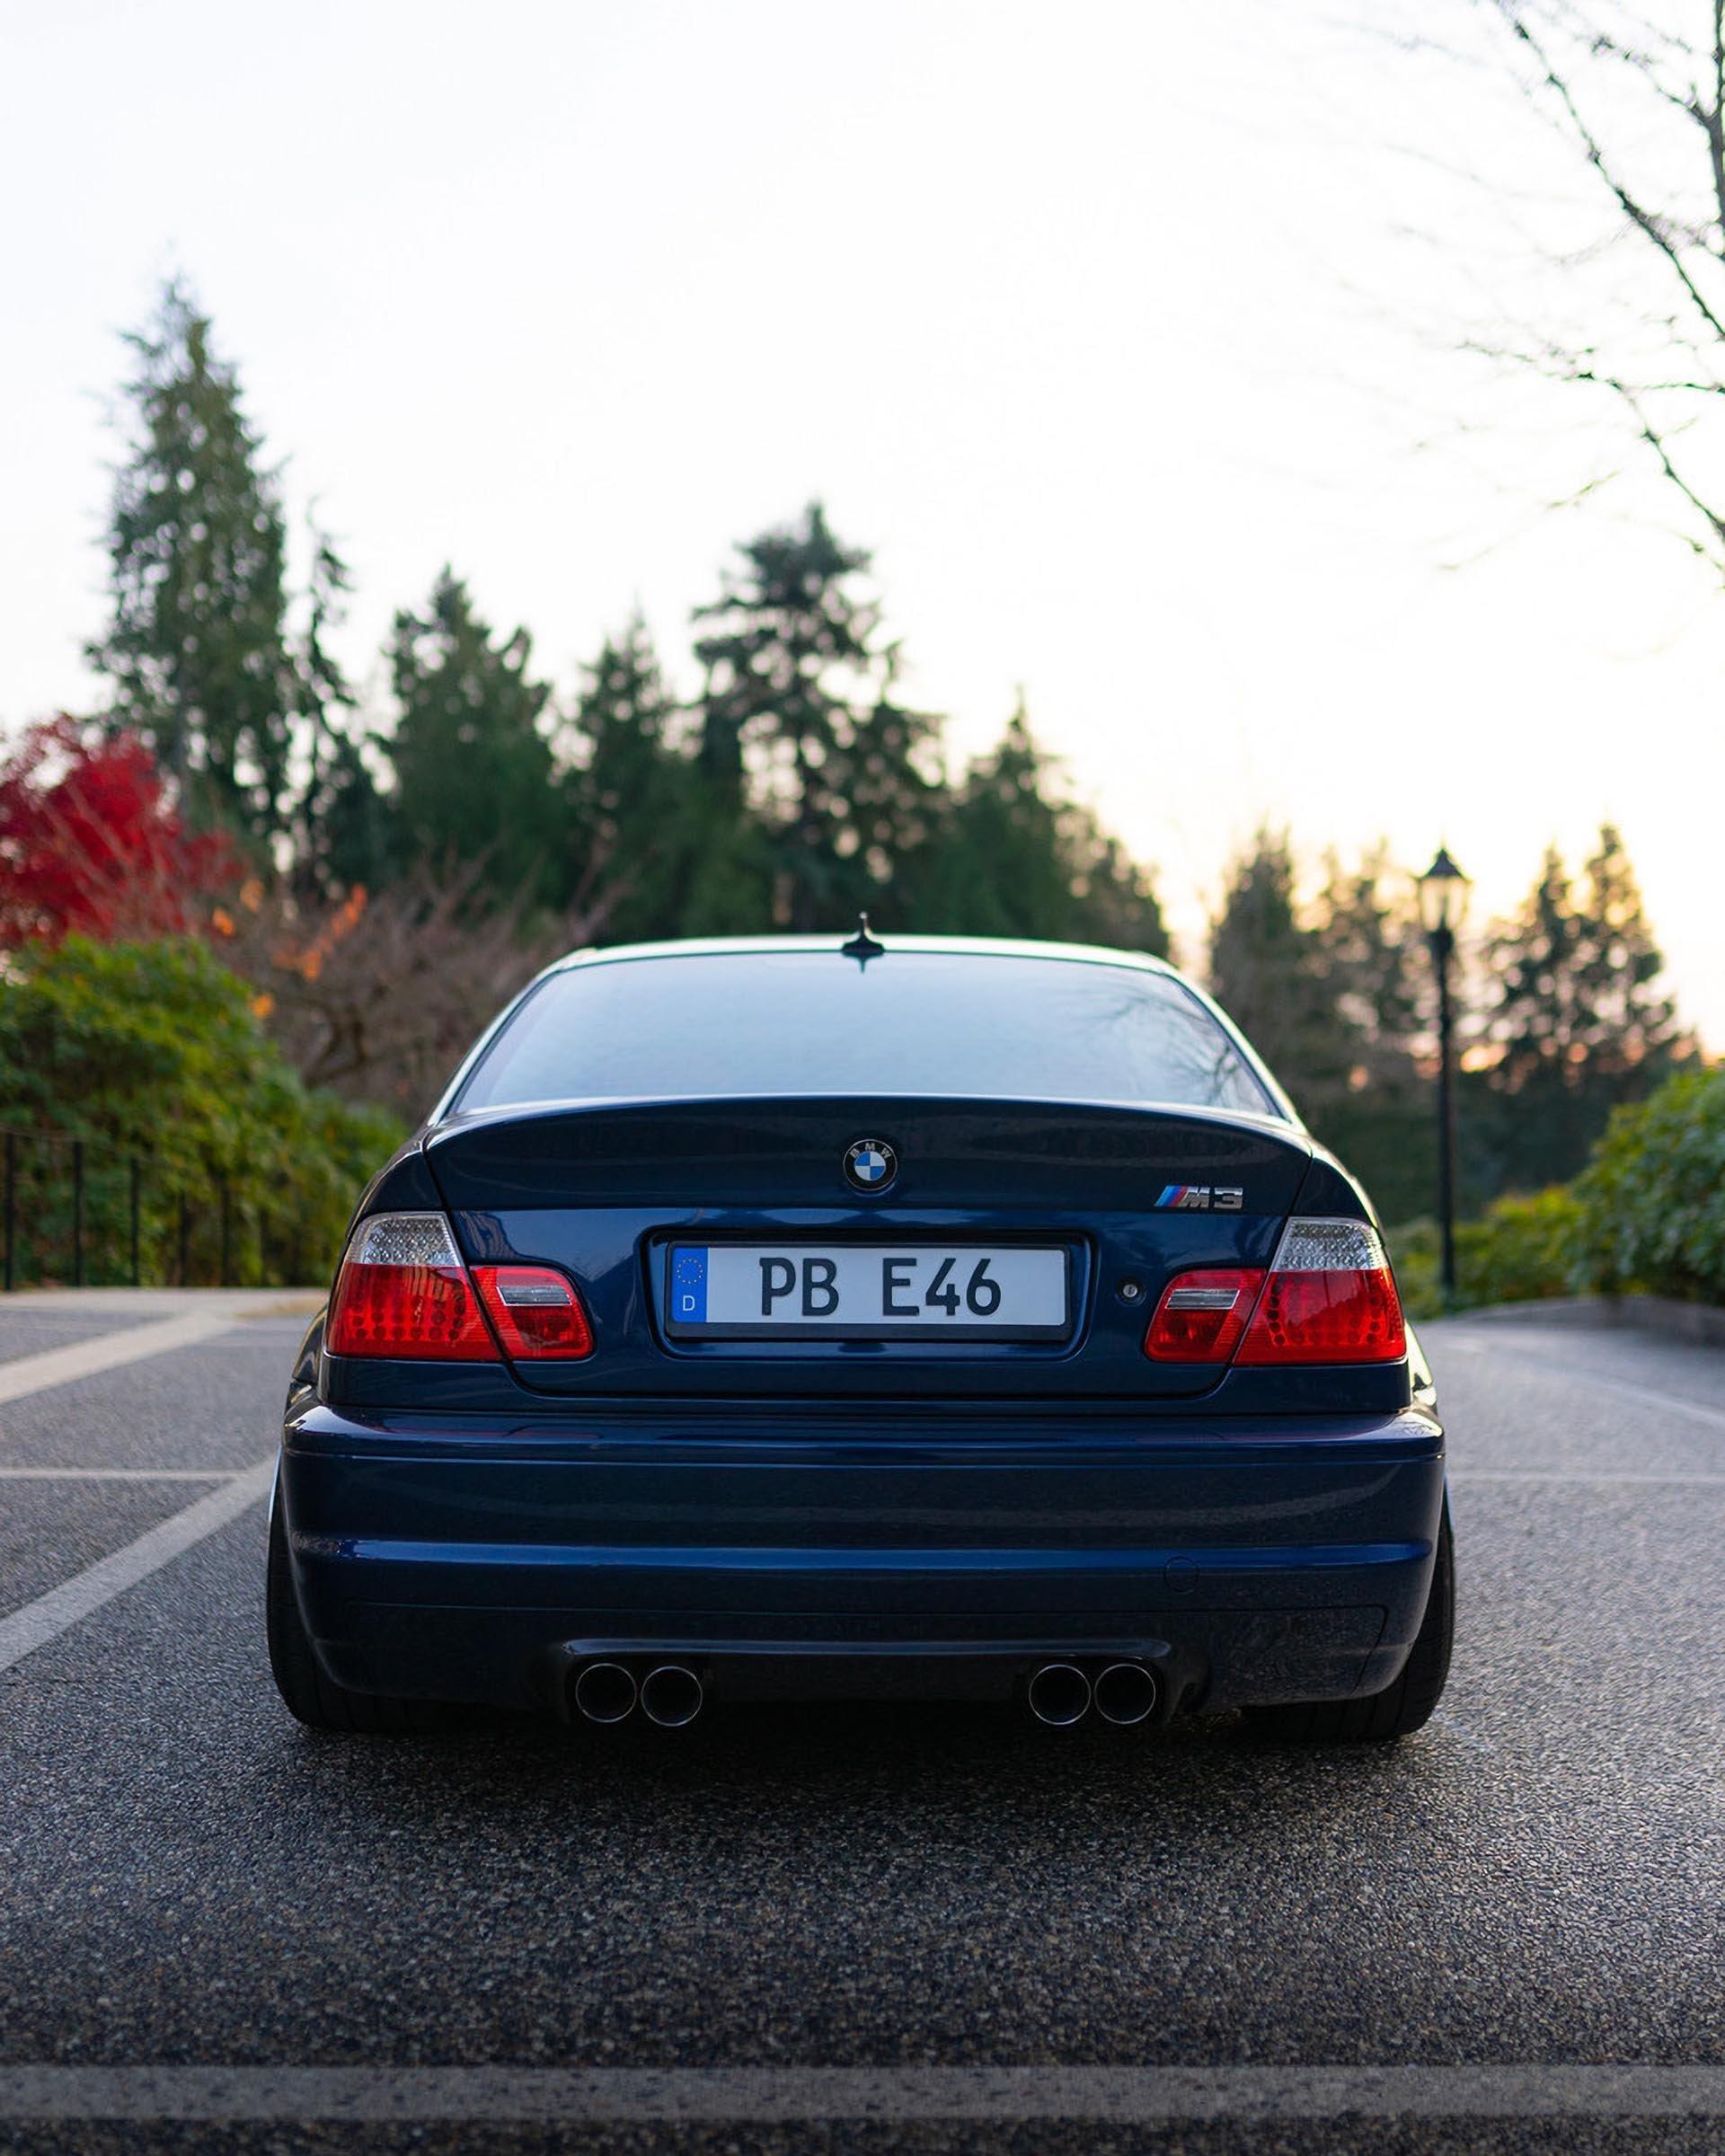 13-pouya-bmw-e46-m3-csl-trunk-rear